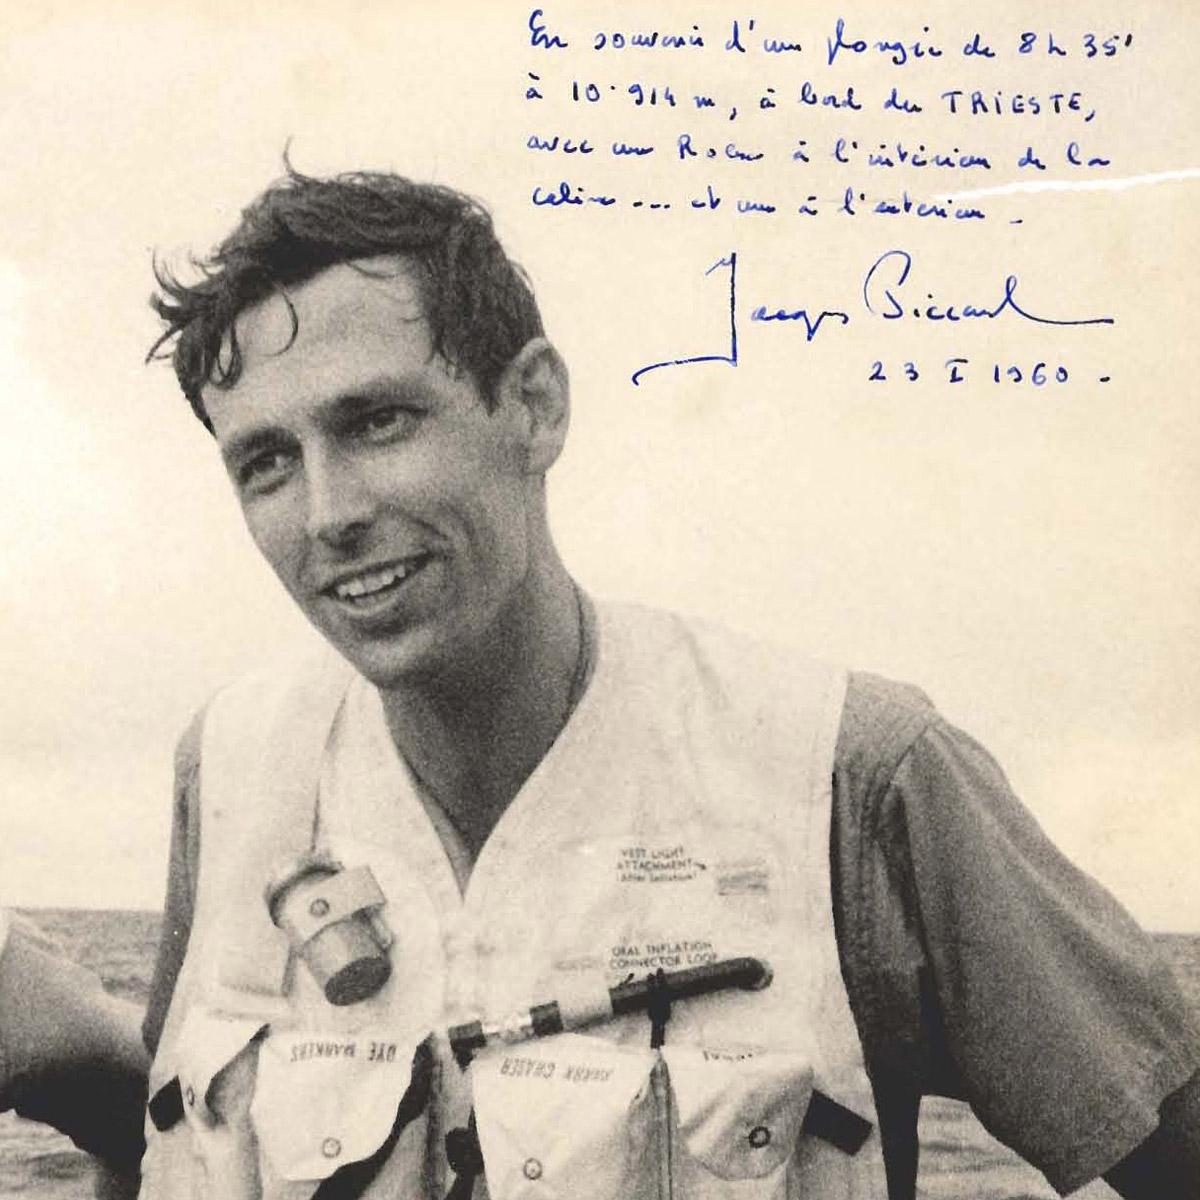 La Cote des Montres : Photo - 23 janvier 1960 : le bathyscaphe Trieste et Rolex atteignent 10 916 mètres de profondeur